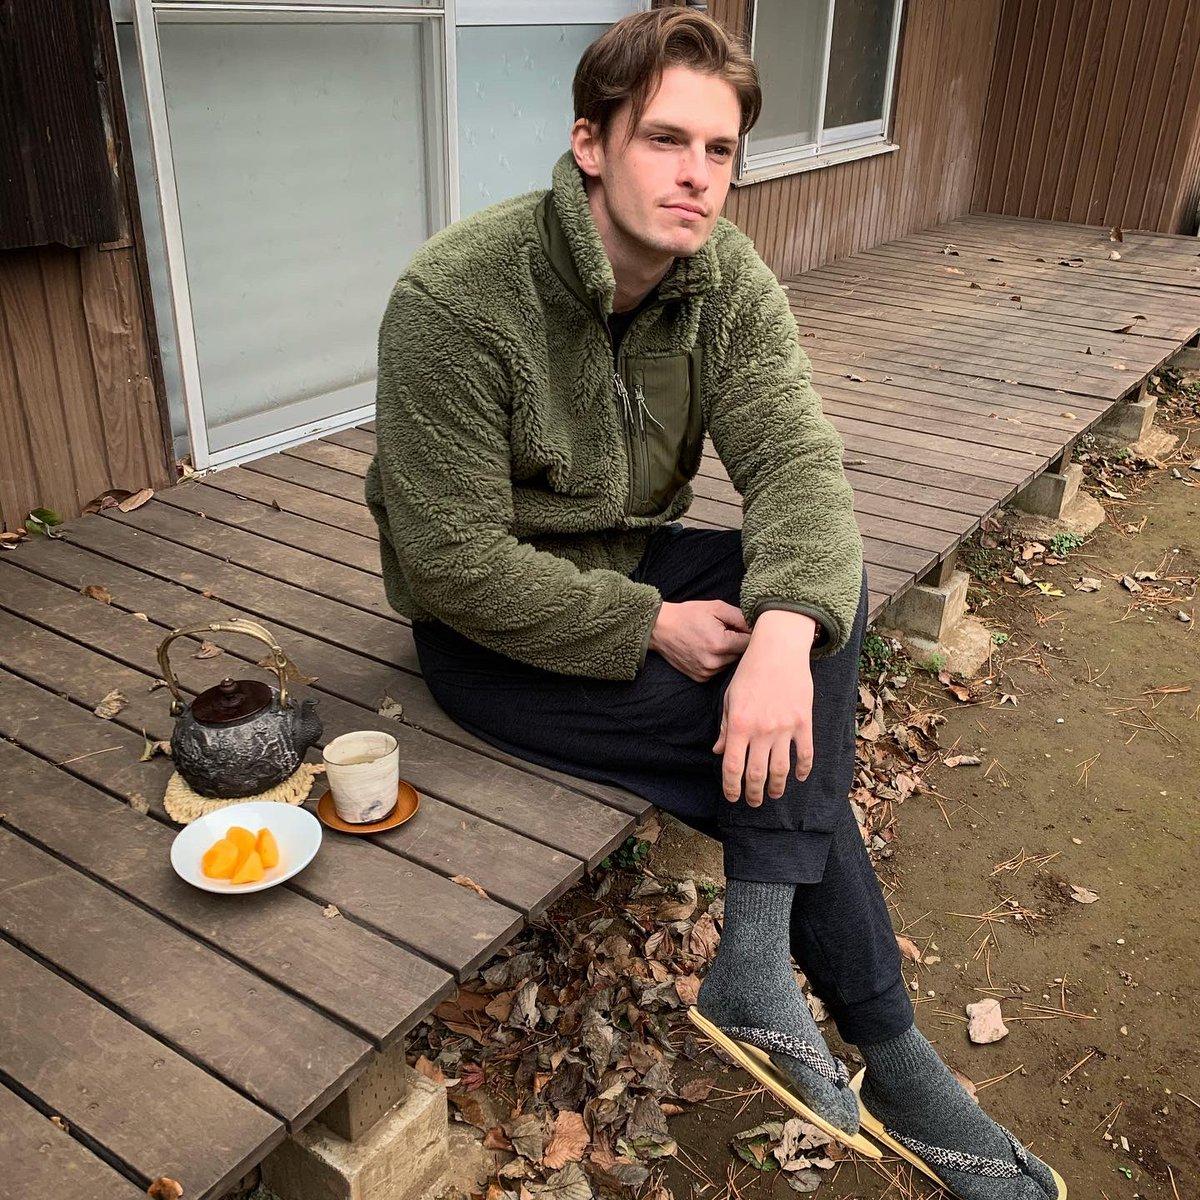 気に入りの鉄瓶でお茶を入れて秋を感じる。秋もう終わったかな?🍂